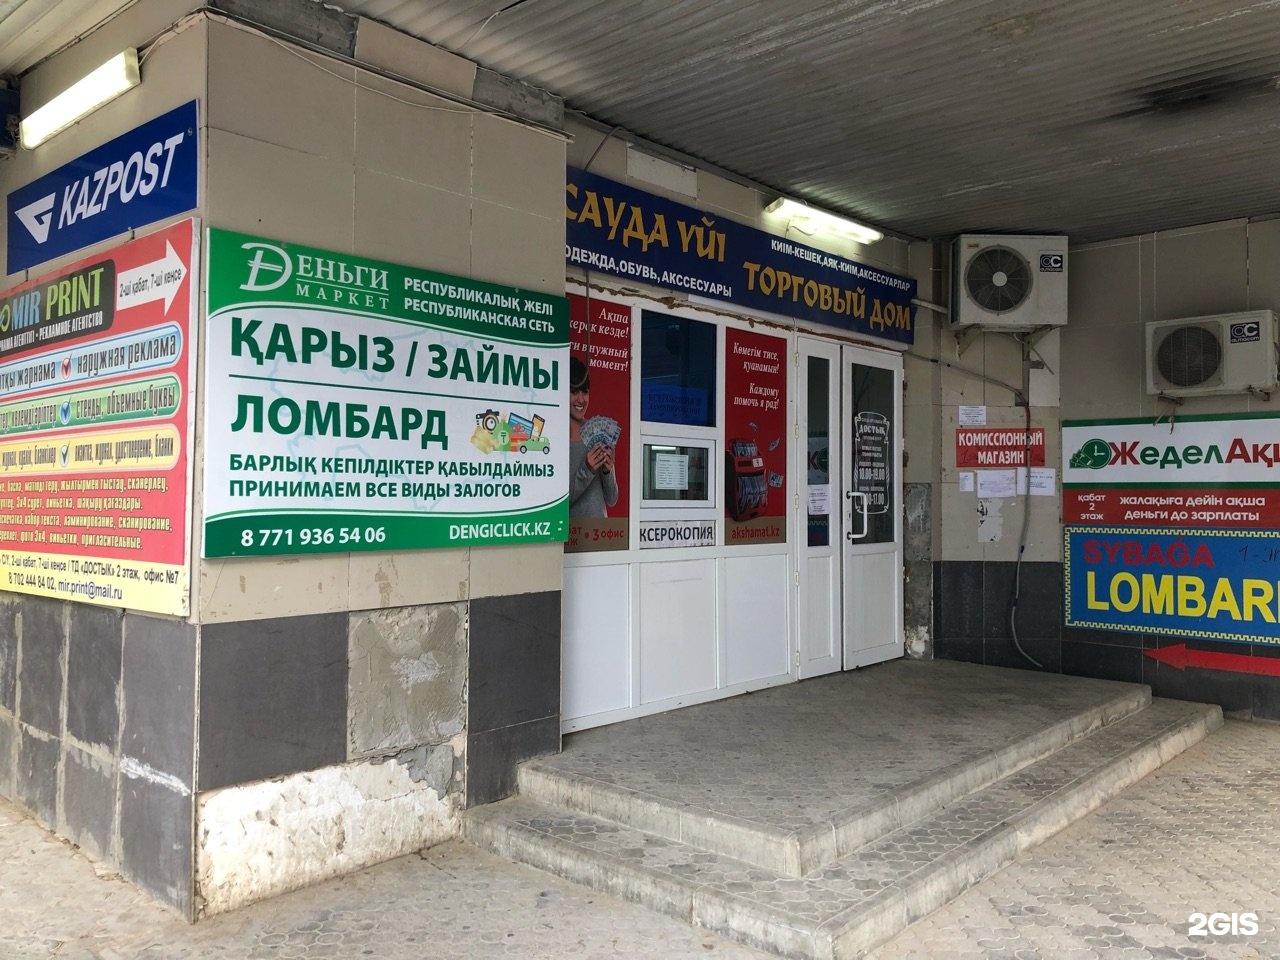 Актау ломбарды метро филевский парк ломбард